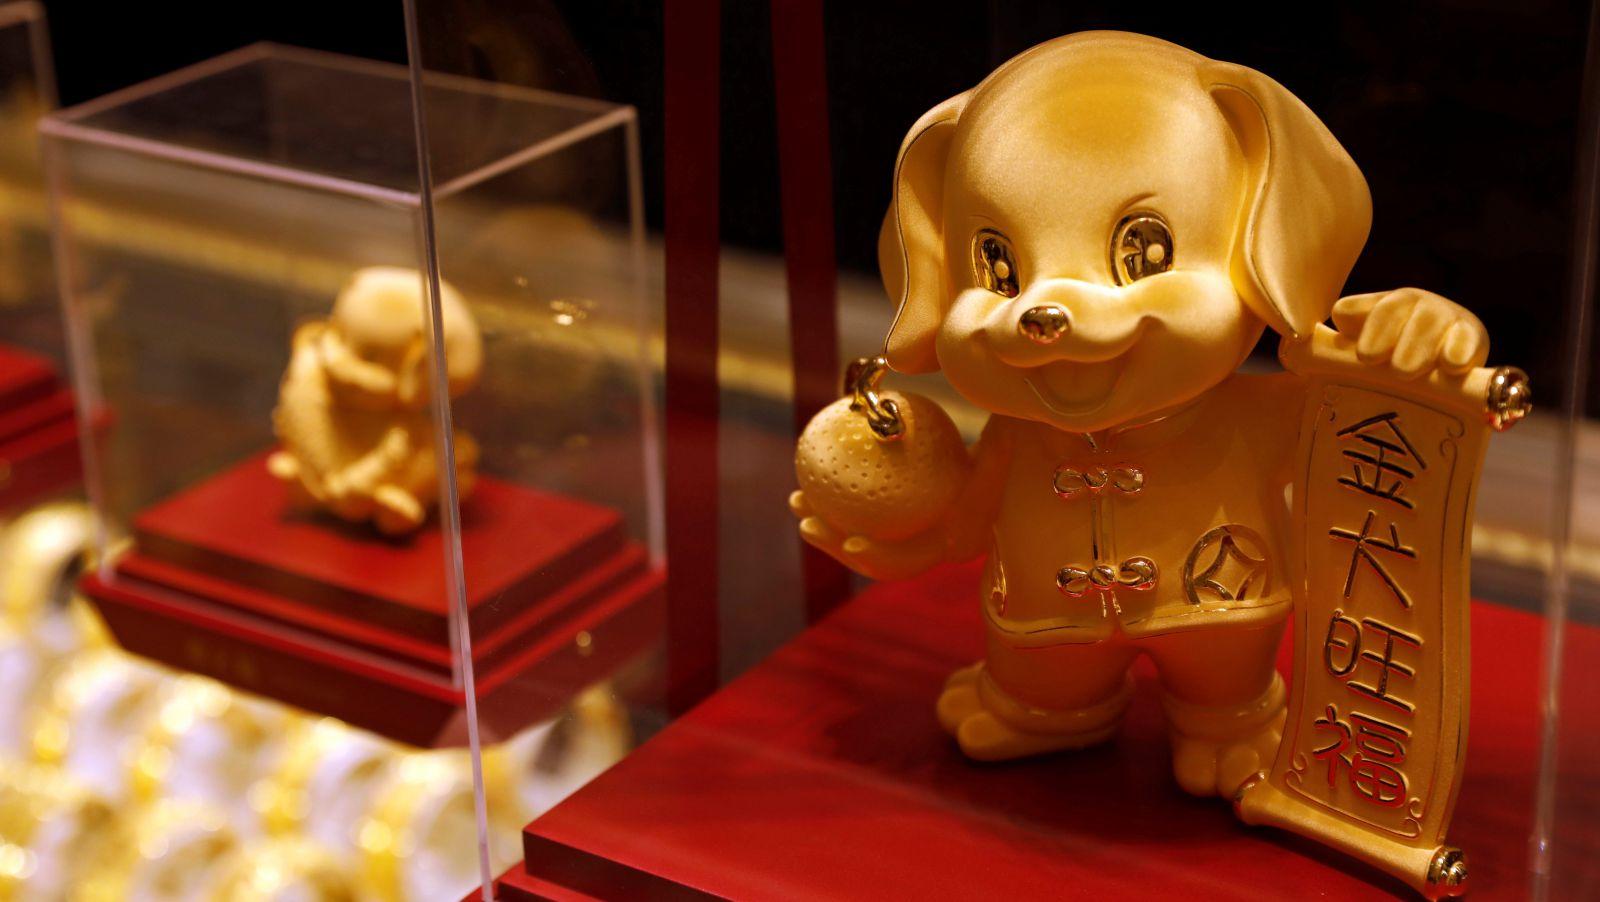 [Προσοχή] CNY - Κινεζική Πρωτοχρονιά 2018 - Ρολόγια Replica